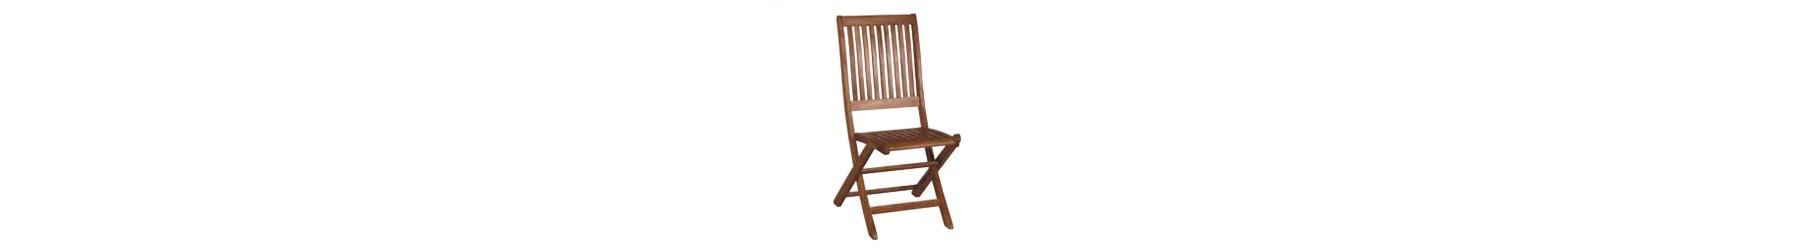 Καρέκλες κήπου και βεράντας ξύλινες με ανάκλιση χωρίς μπράτσα